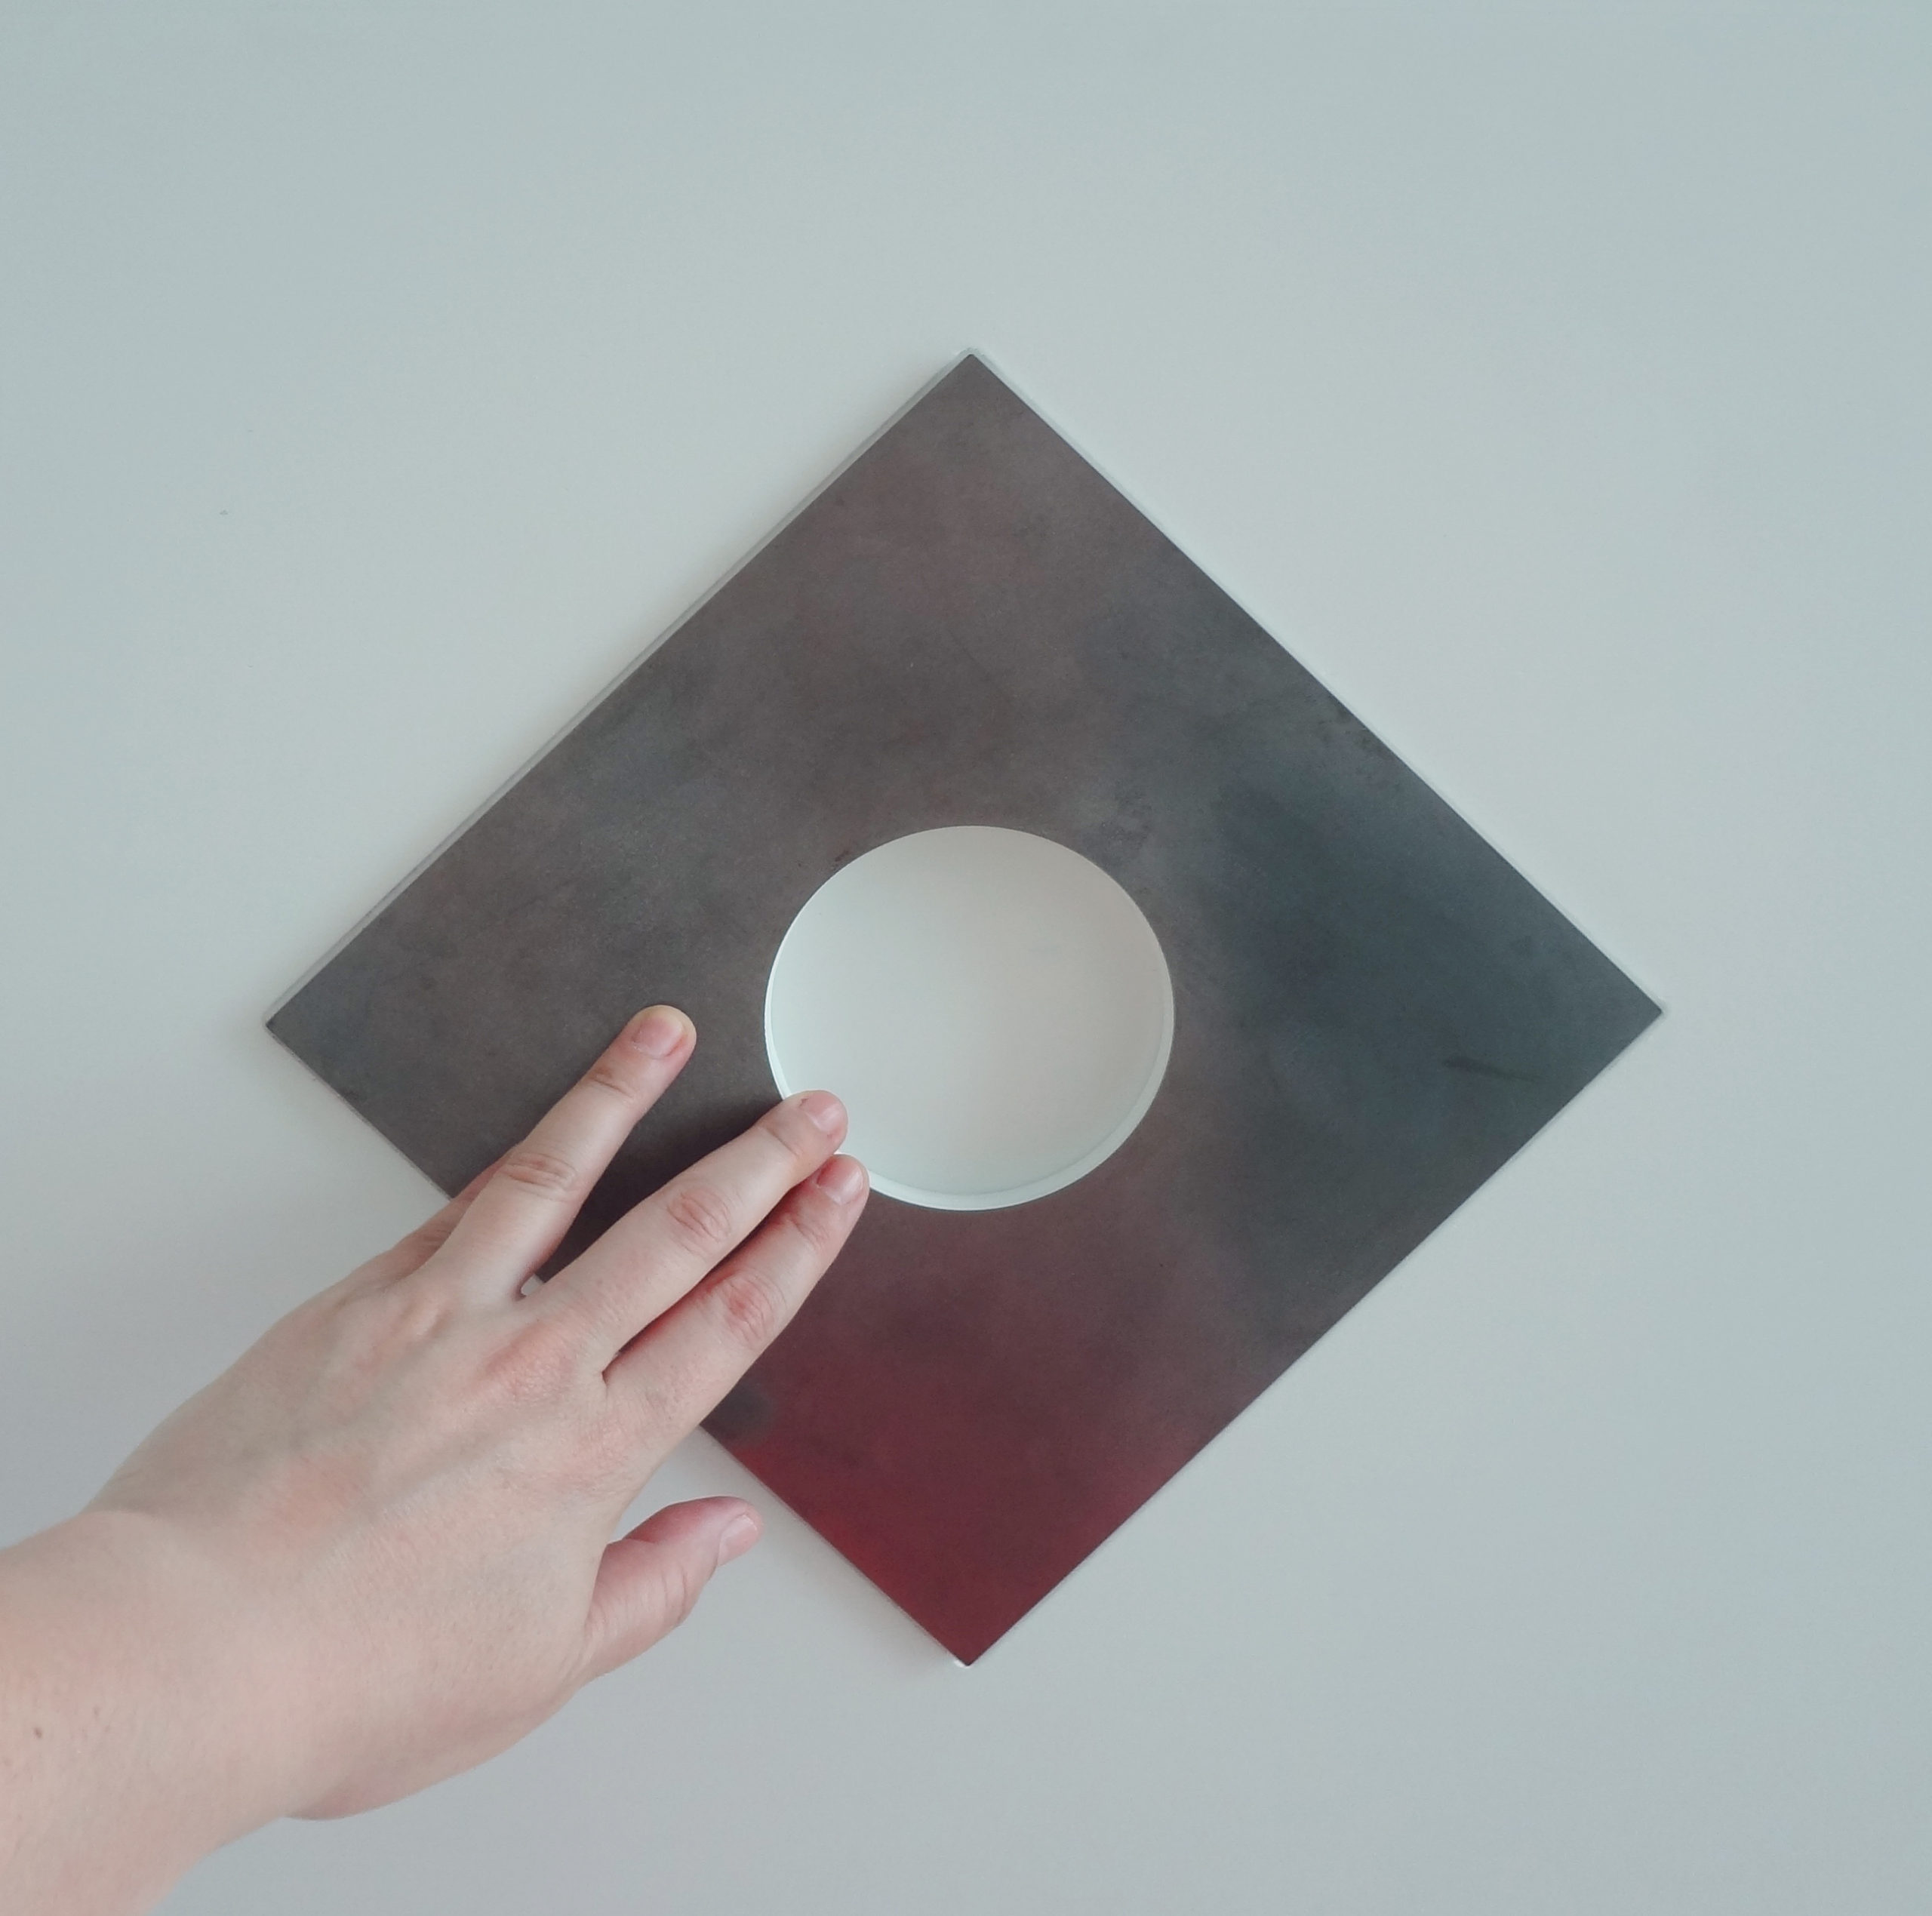 Λεπτομέρεια της μπροστινής όψης του κουτιού. Παρουσιάζεται ένας μεταλλικός ρόμβος που έχει ένα κυκλικό κενό στο κέντρο του και ένα χέρι που αγγίζει το μεταλλικό αυτό στοιχείο. Ο μεταλλικός ρόμβος είναι τοποθετημένος πάνω στο λευκό ξύλινο κουτί και αποτελεί αντίγραφο του στοιχείου που βρίσκεται στο κέντρο της άνω πλευράς του καρουλιού σε κλίμακα 1:1 σε σχέση με το πρωτότυπο έργο.